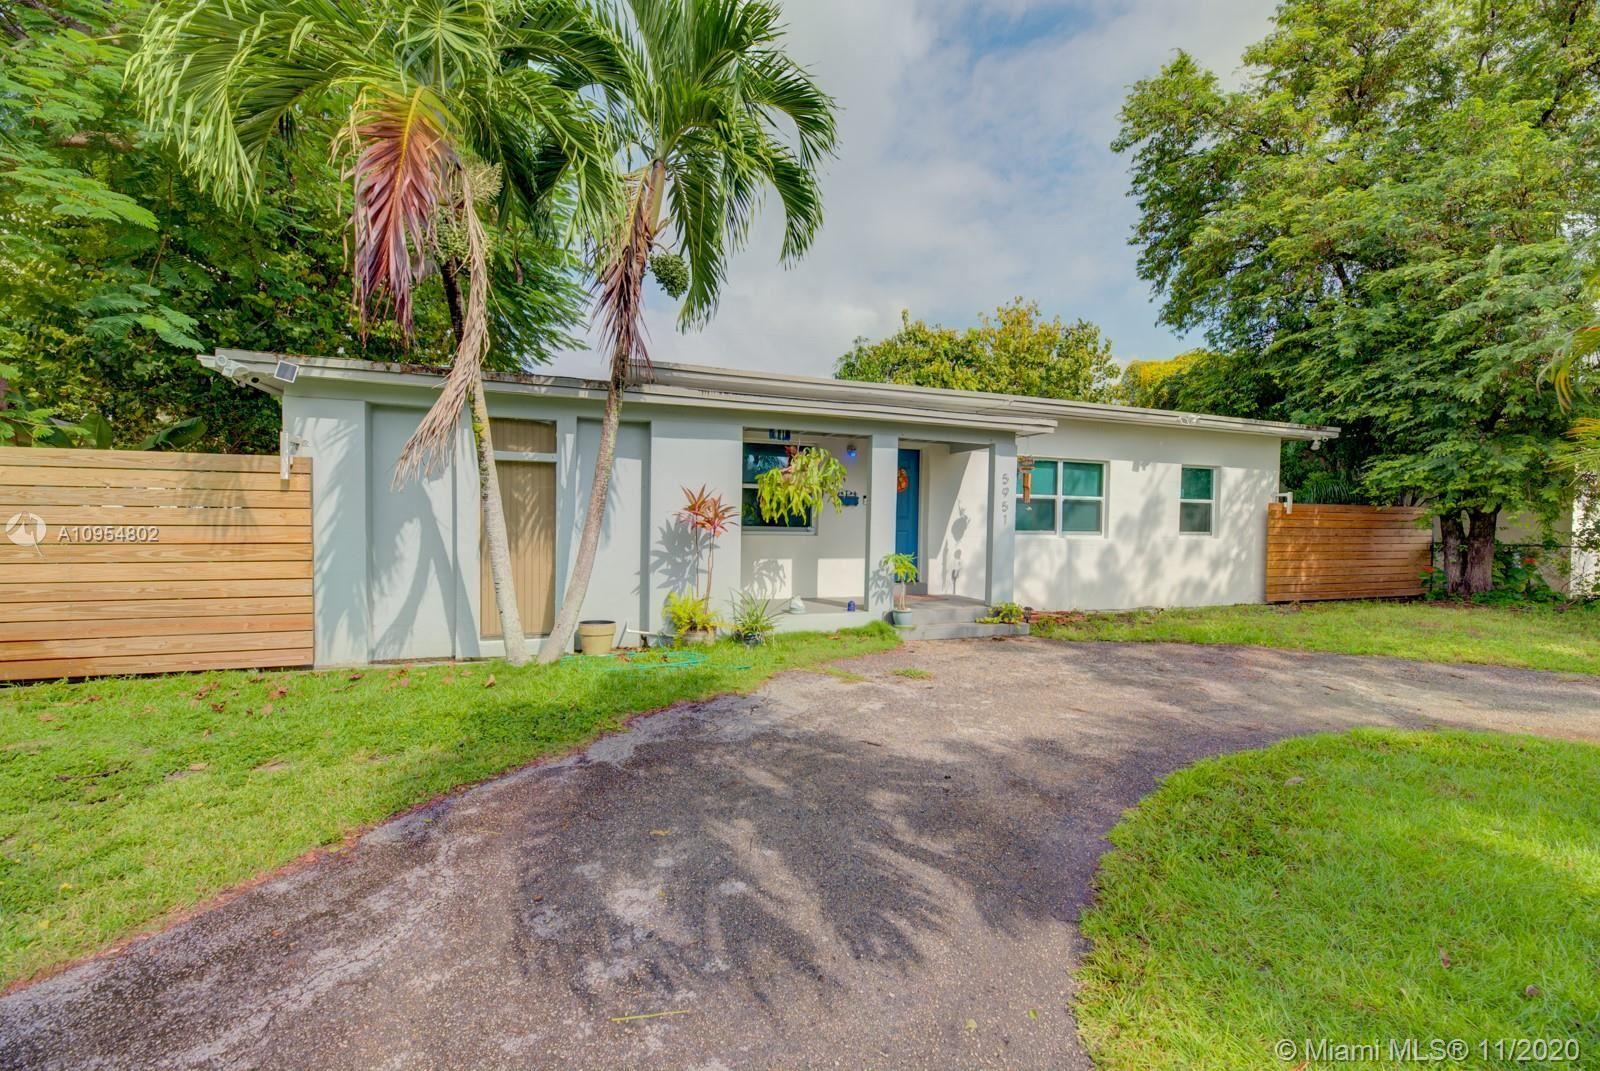 5951 SW 45th St, Miami, FL 33155 - #: A10954802